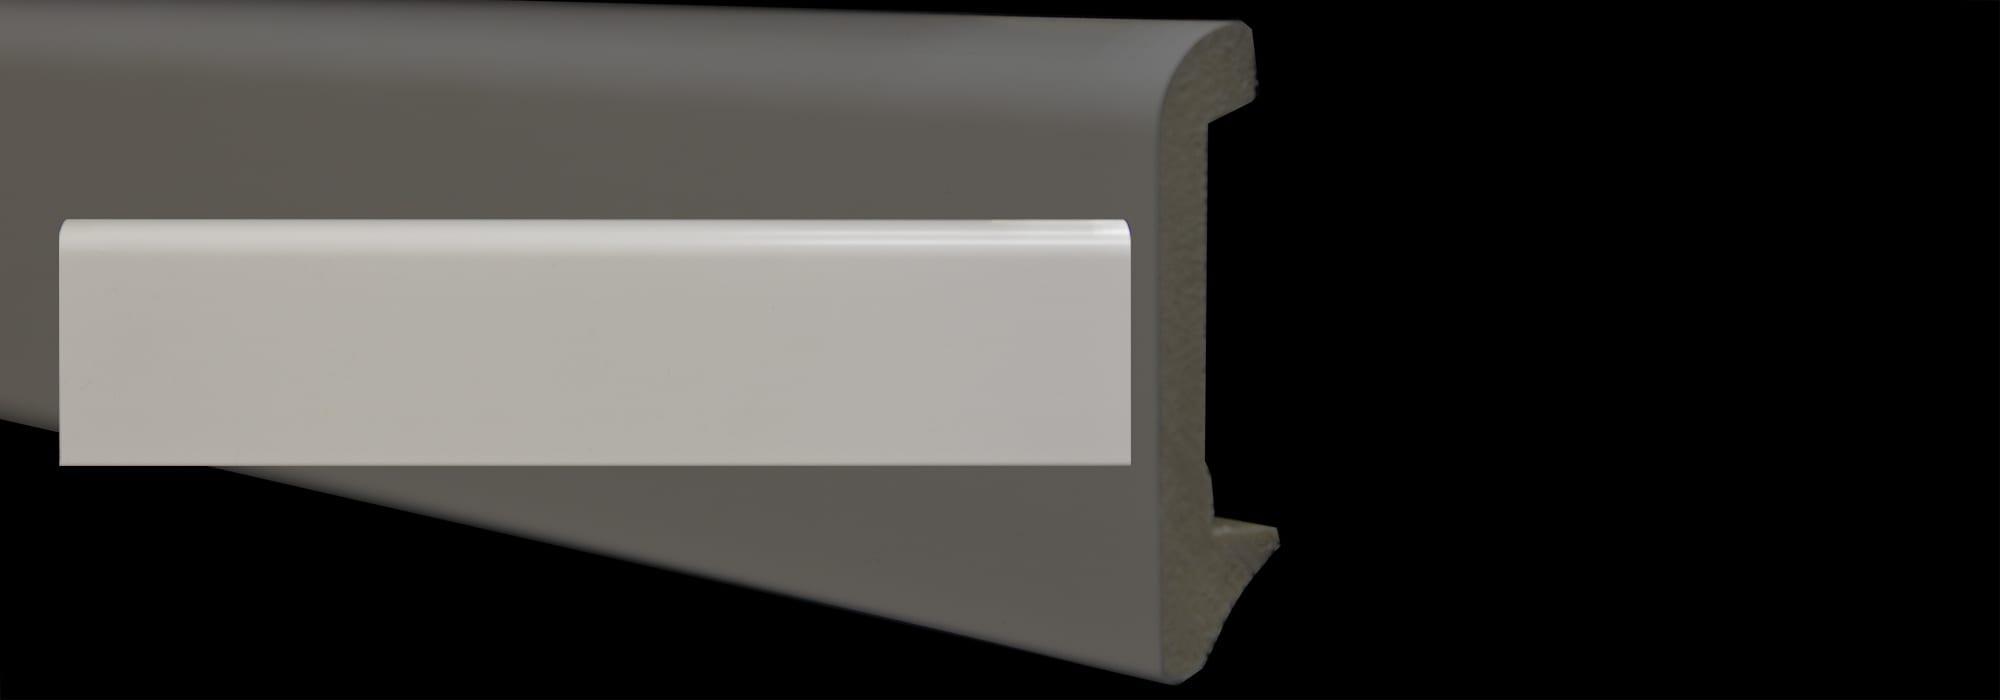 פנל פולימר לבן דגם (6) 250סמ*6סמ by Milstone